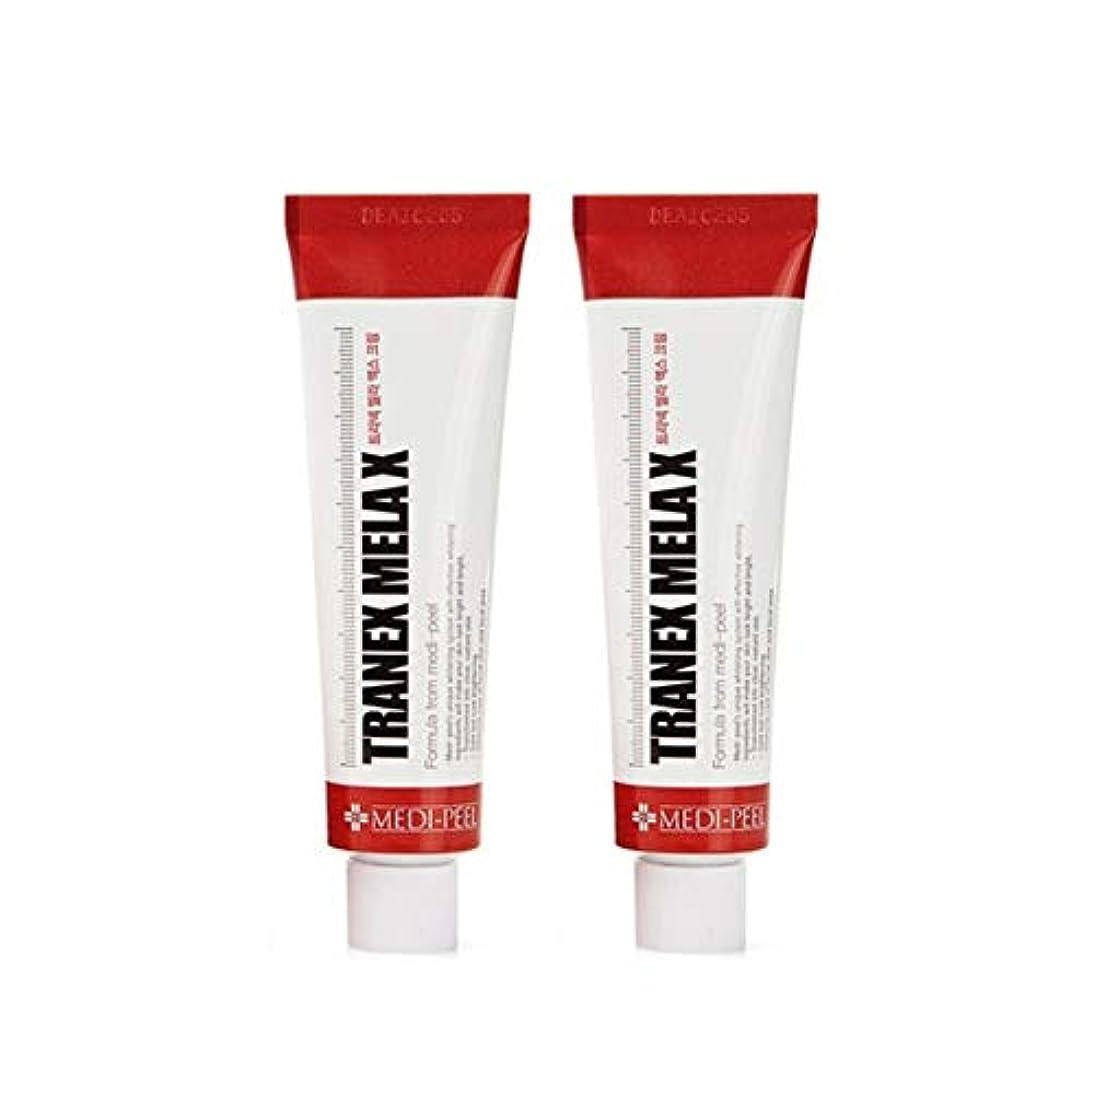 ショップ神聖マオリメディピル?トラネック?メラX?クリーム30mlx2本セット美白クリーム韓国コスメ、Medi-Peel Tranex Mela X Cream 30ml x 2ea Set Whitening Cream Korean Cosmetics [並行輸入品]